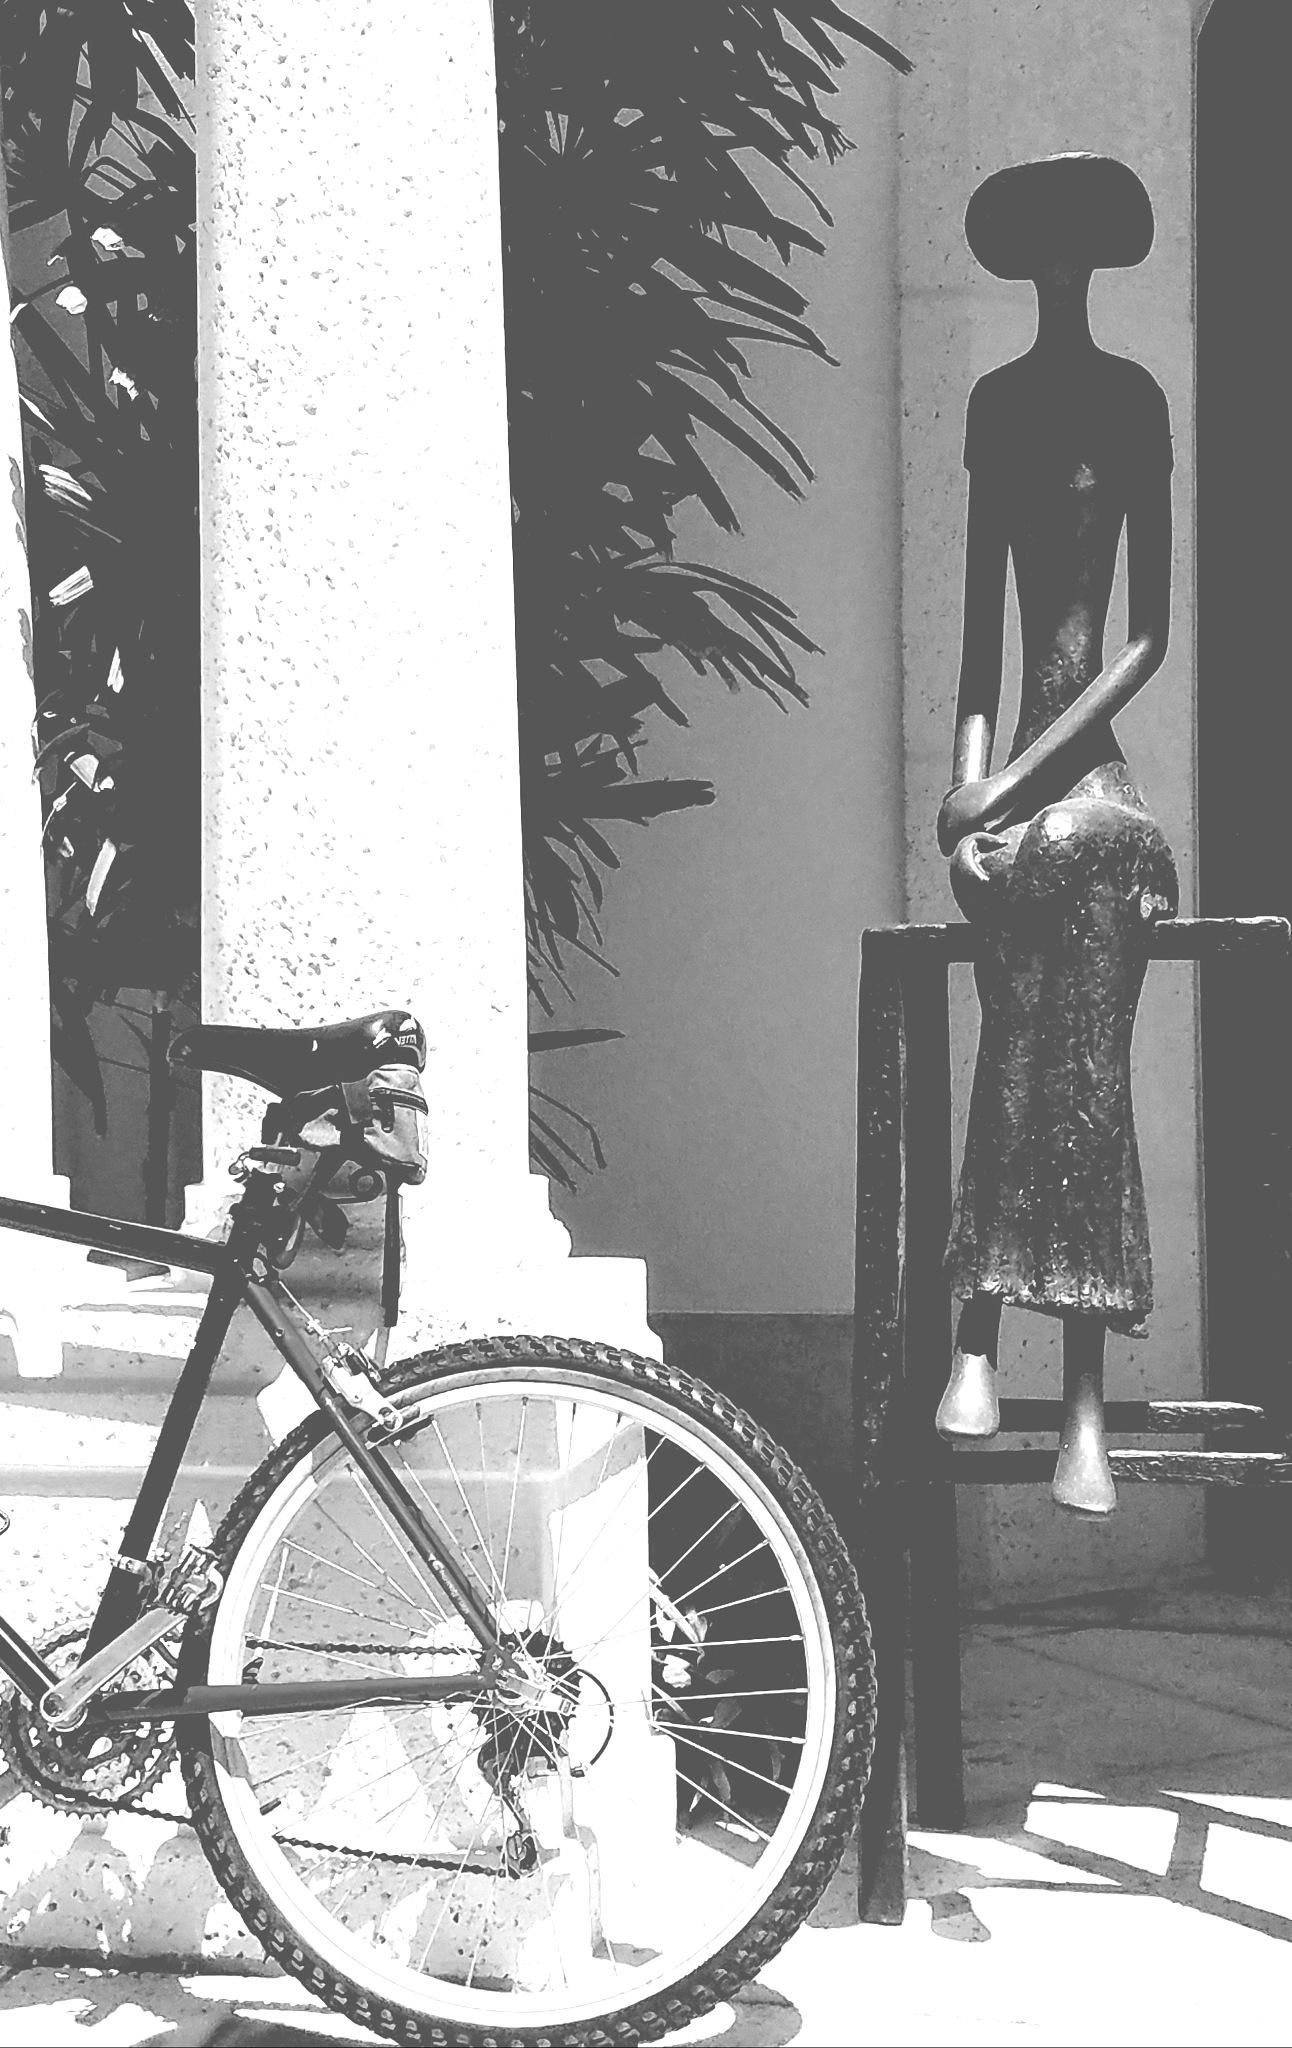 Rider's rest by Reinhard Marton